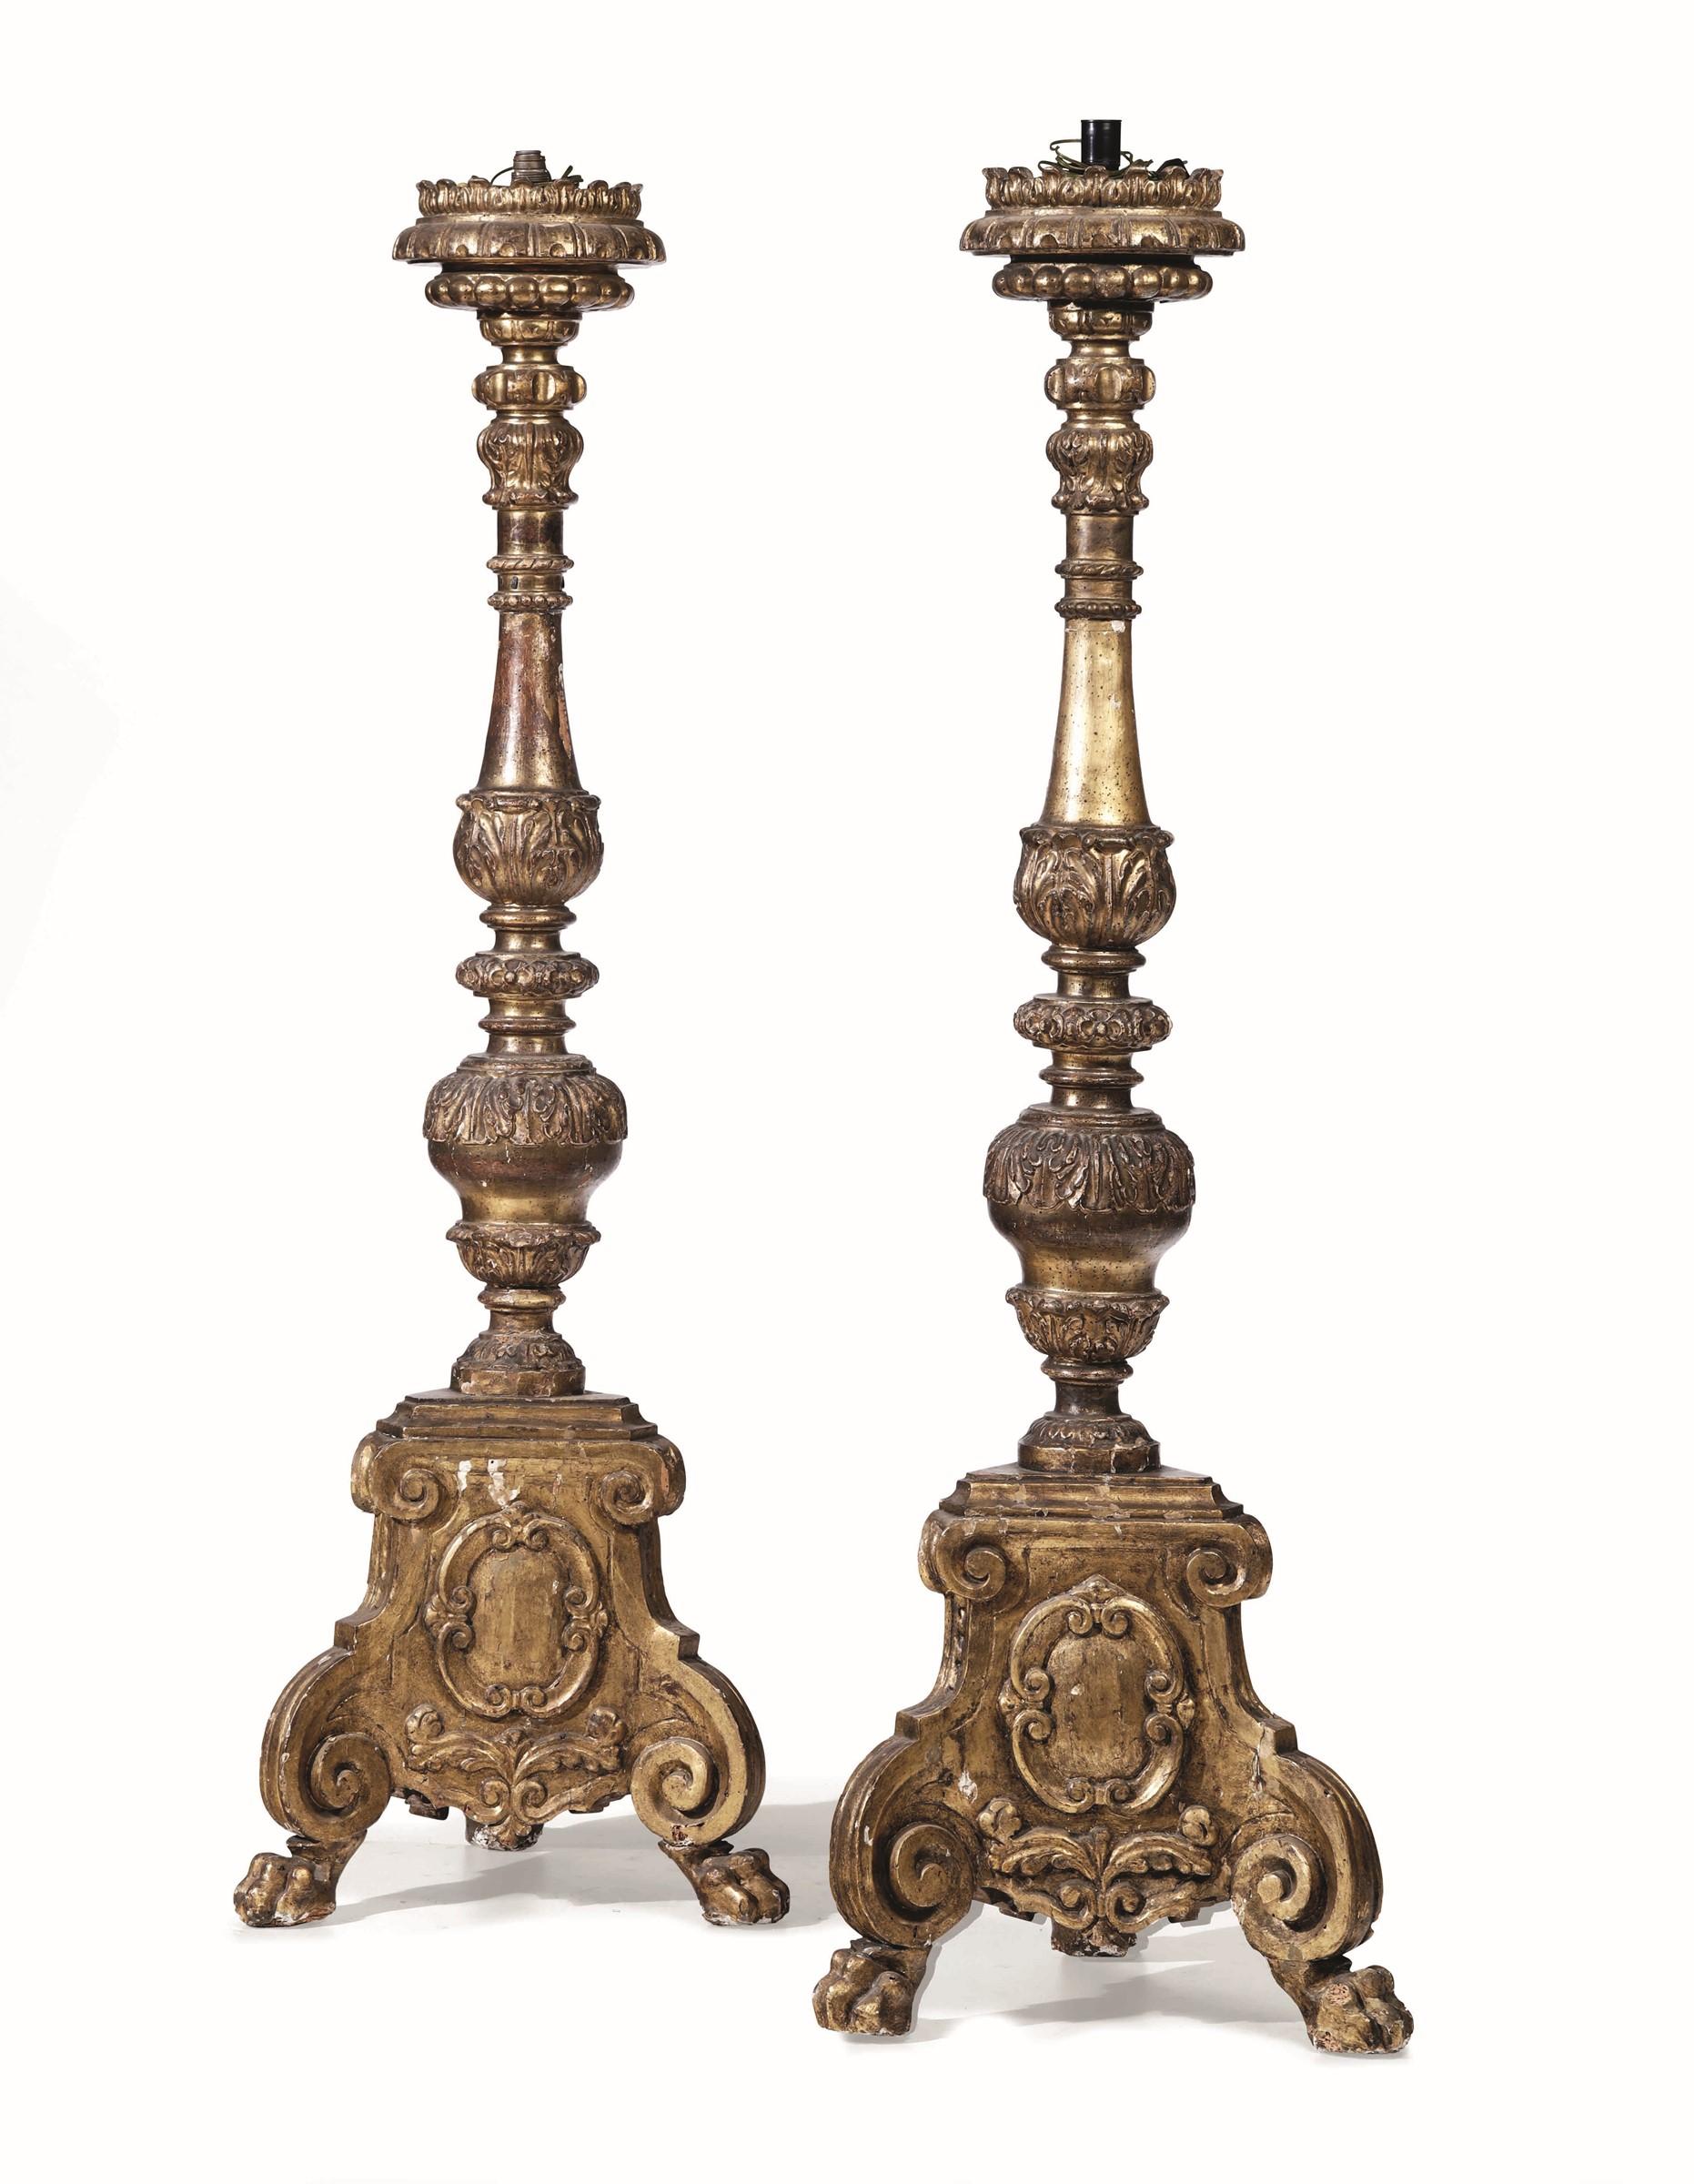 Lot 135 - Coppia di grandi torciere in legno intagliato e dorato. Italia centrale, XVIII [...]